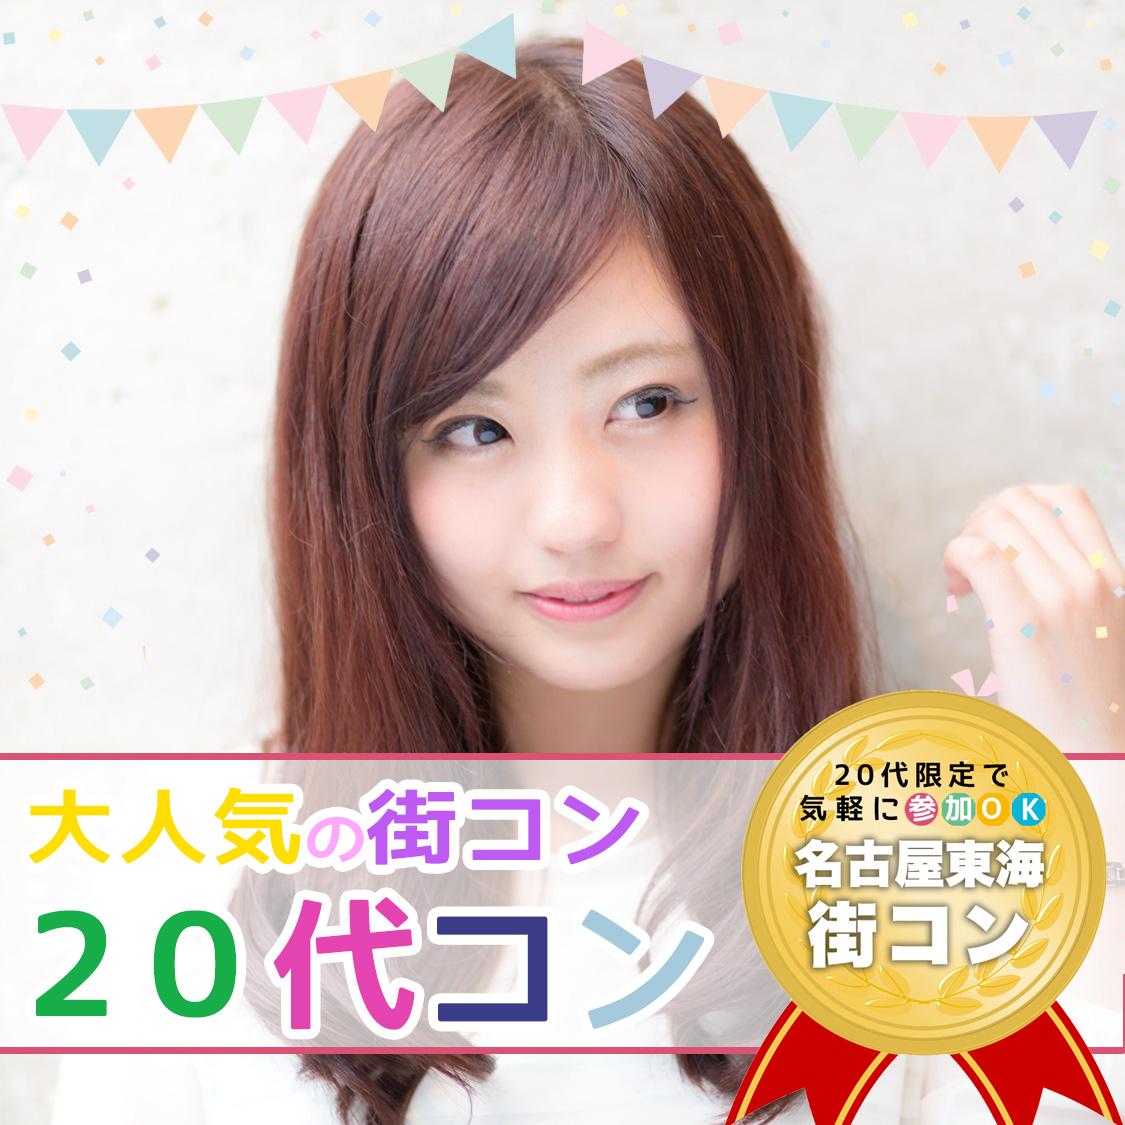 街コン,若い,四季彩 -Shikisai- 札幌駅前店,札幌